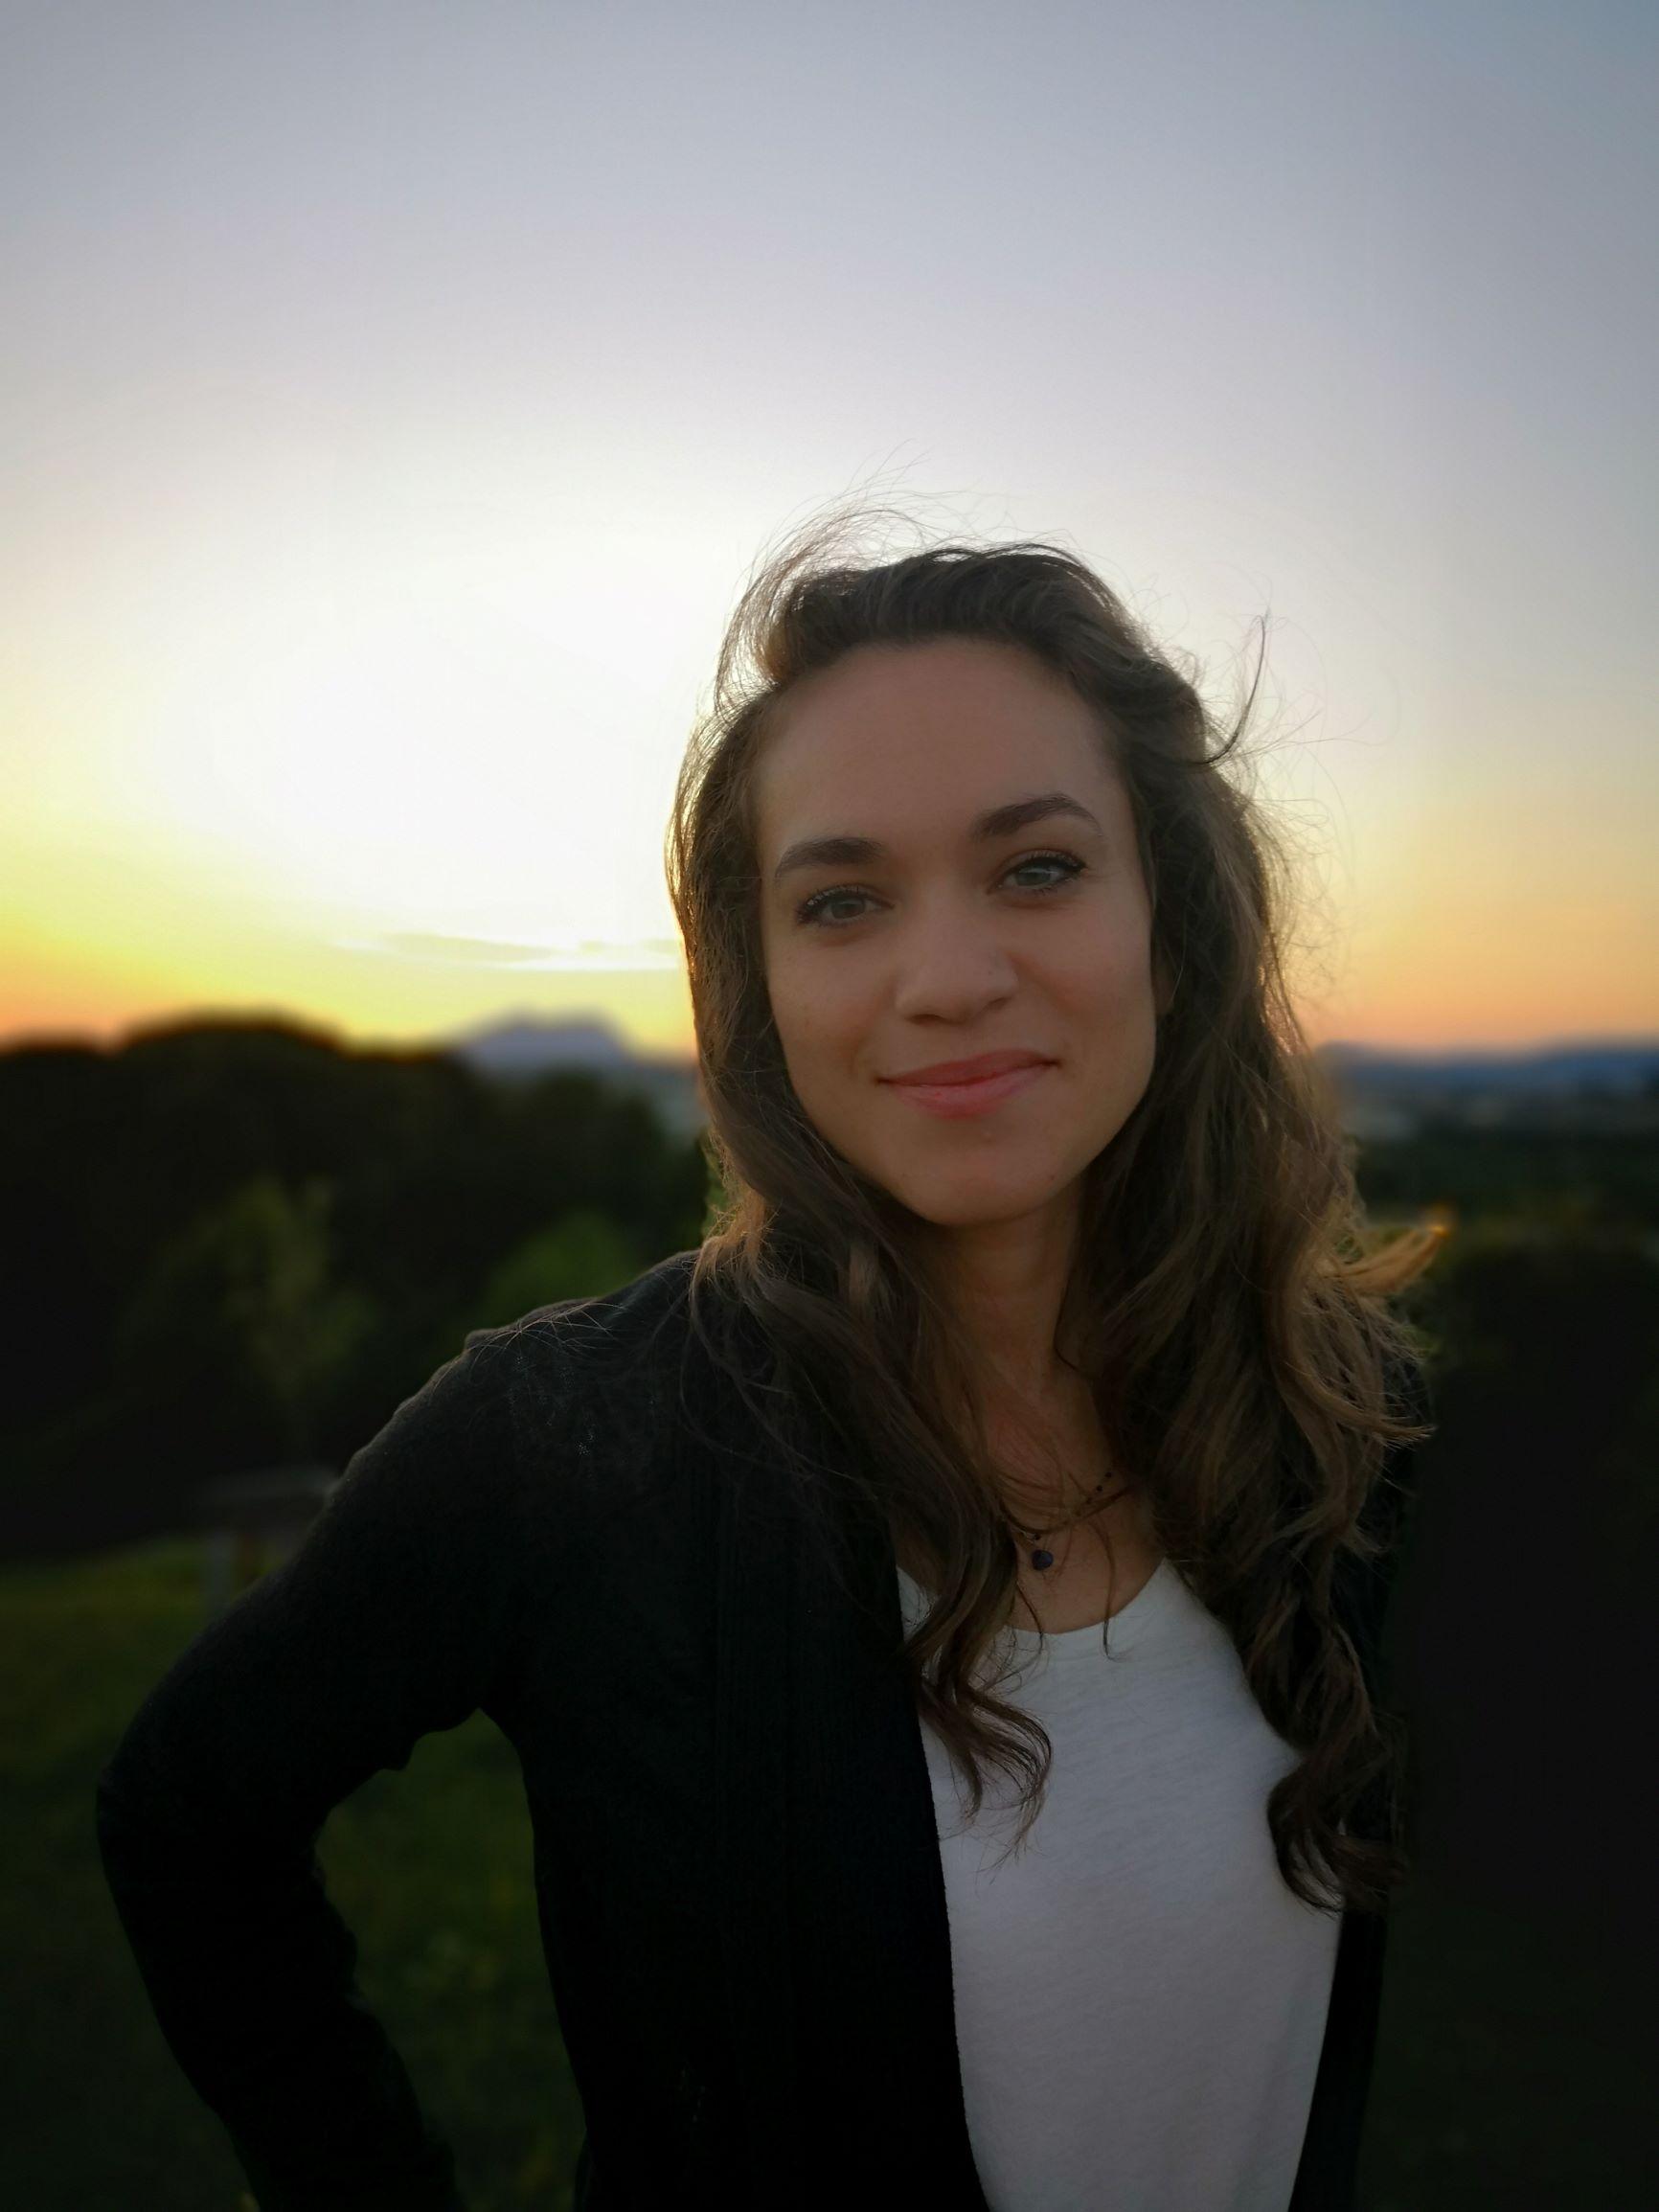 Bettina Steible